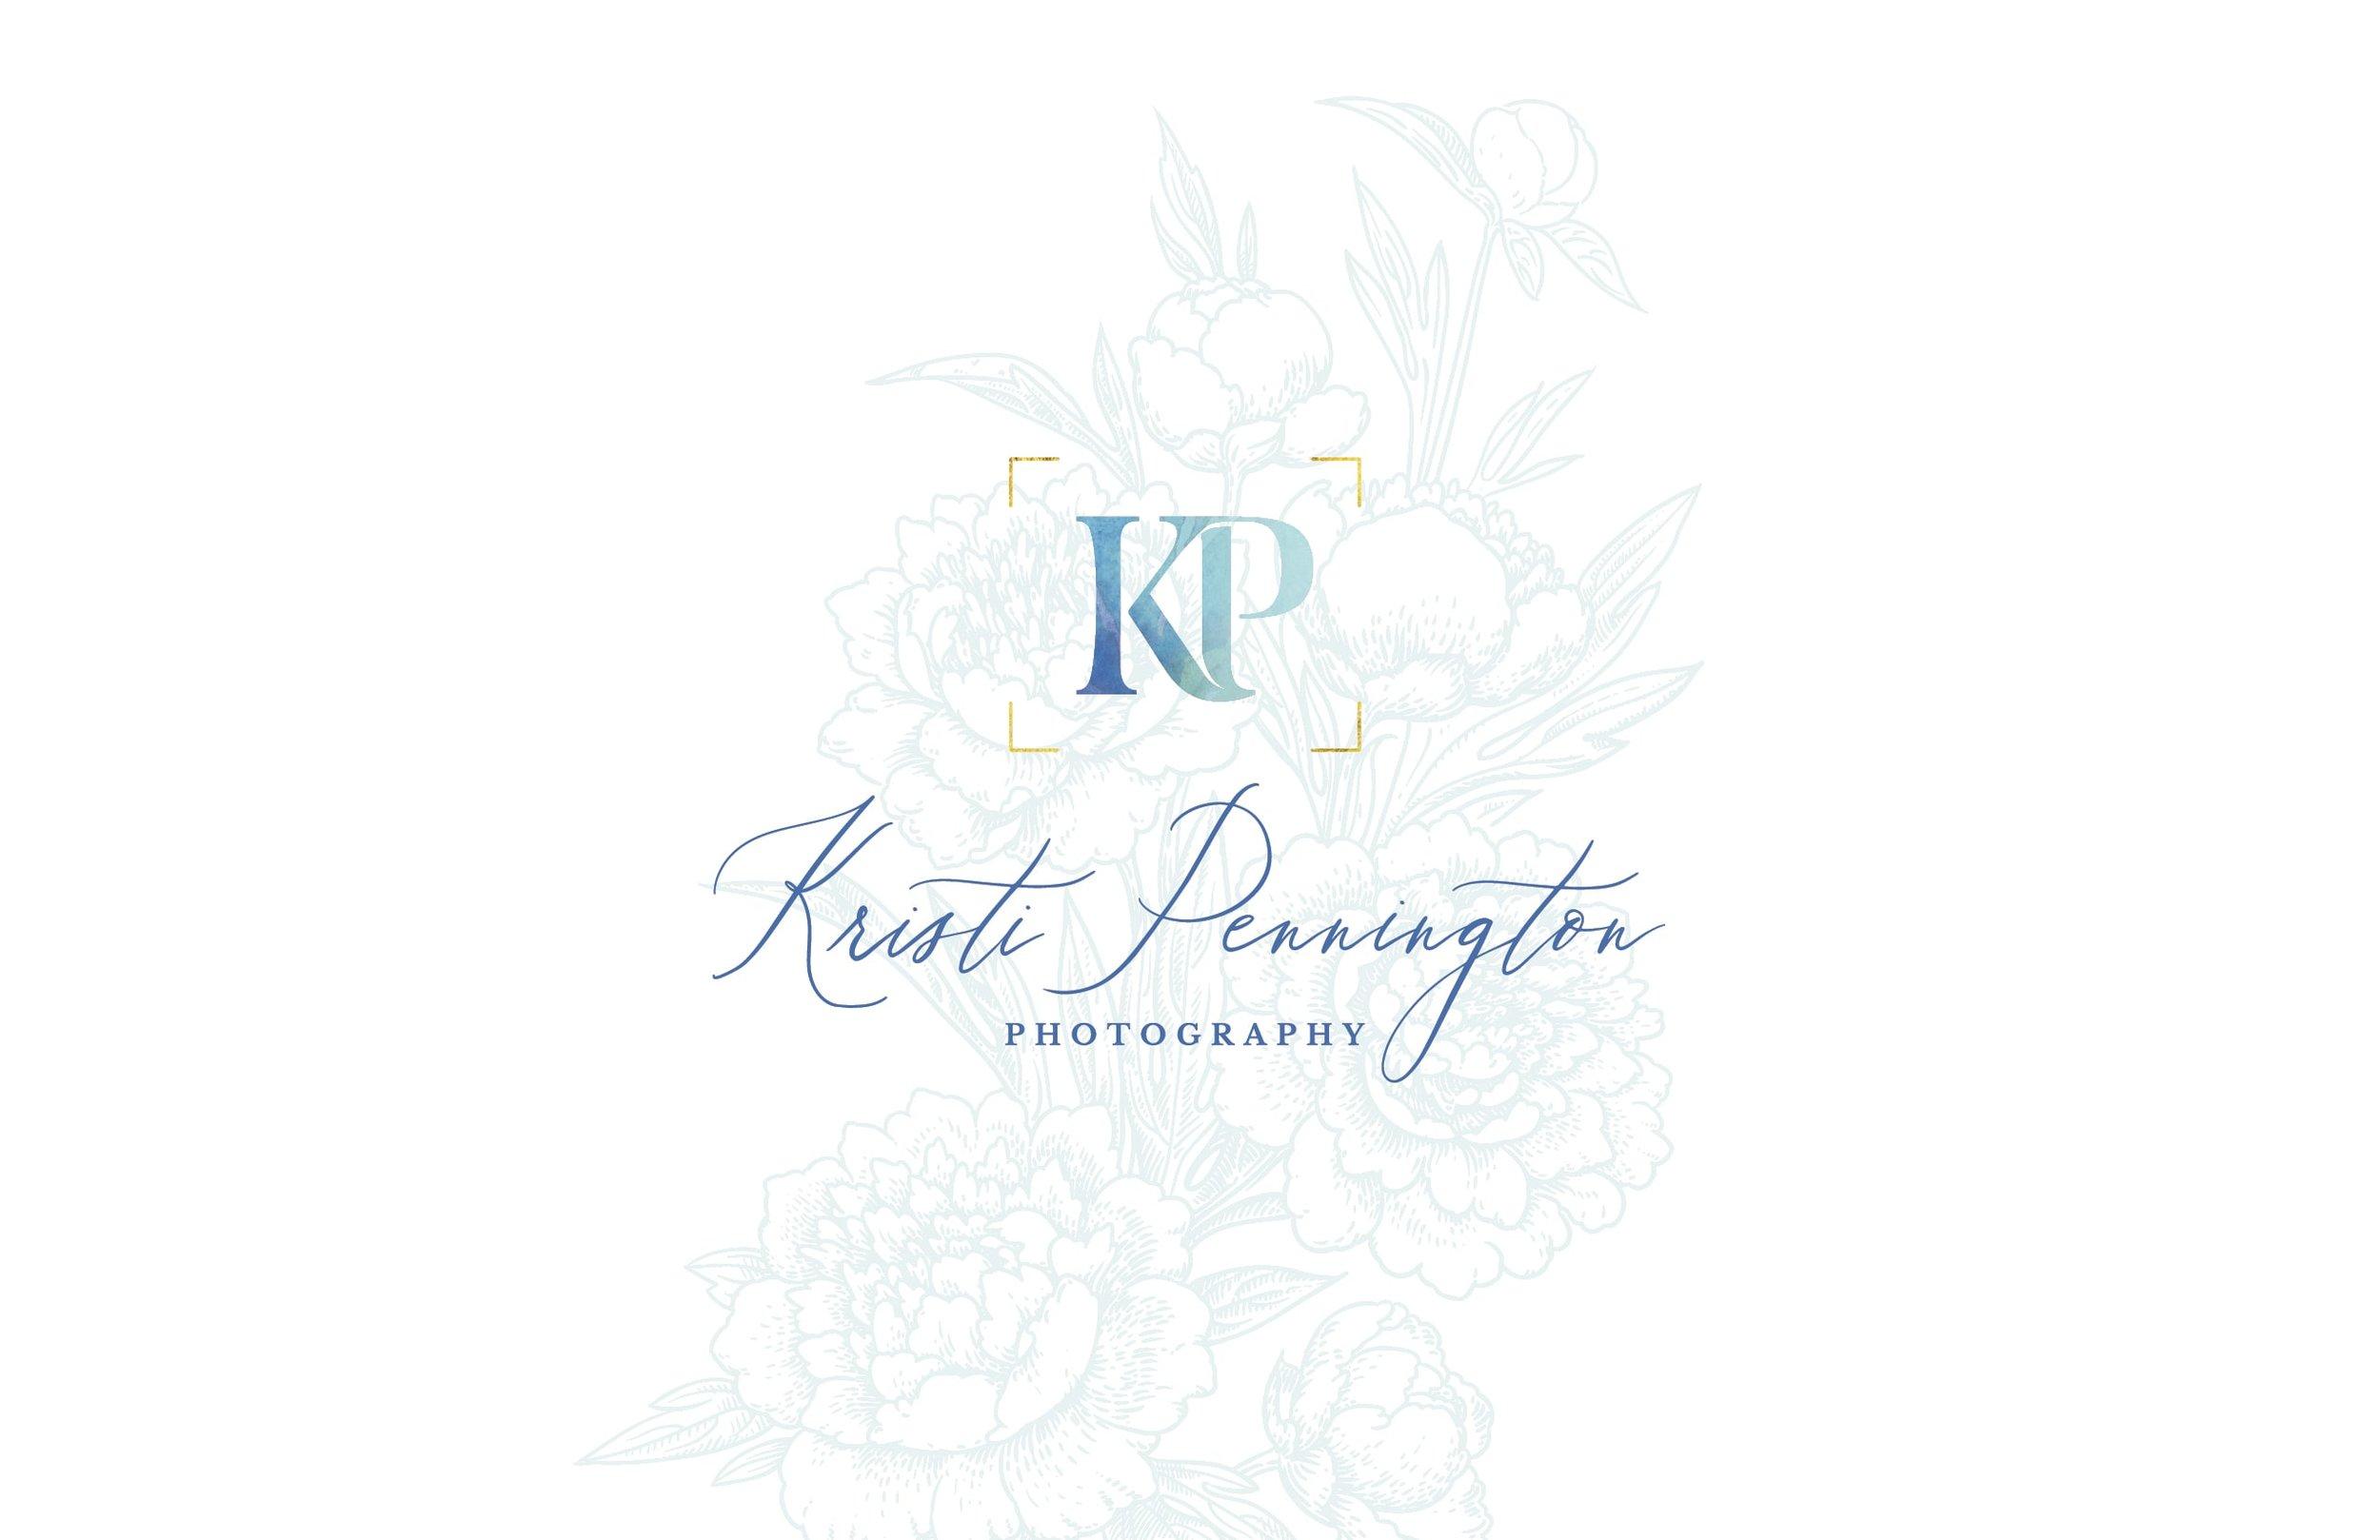 06-KPenningtonPhotographyLogoBrandDesign-min.jpg